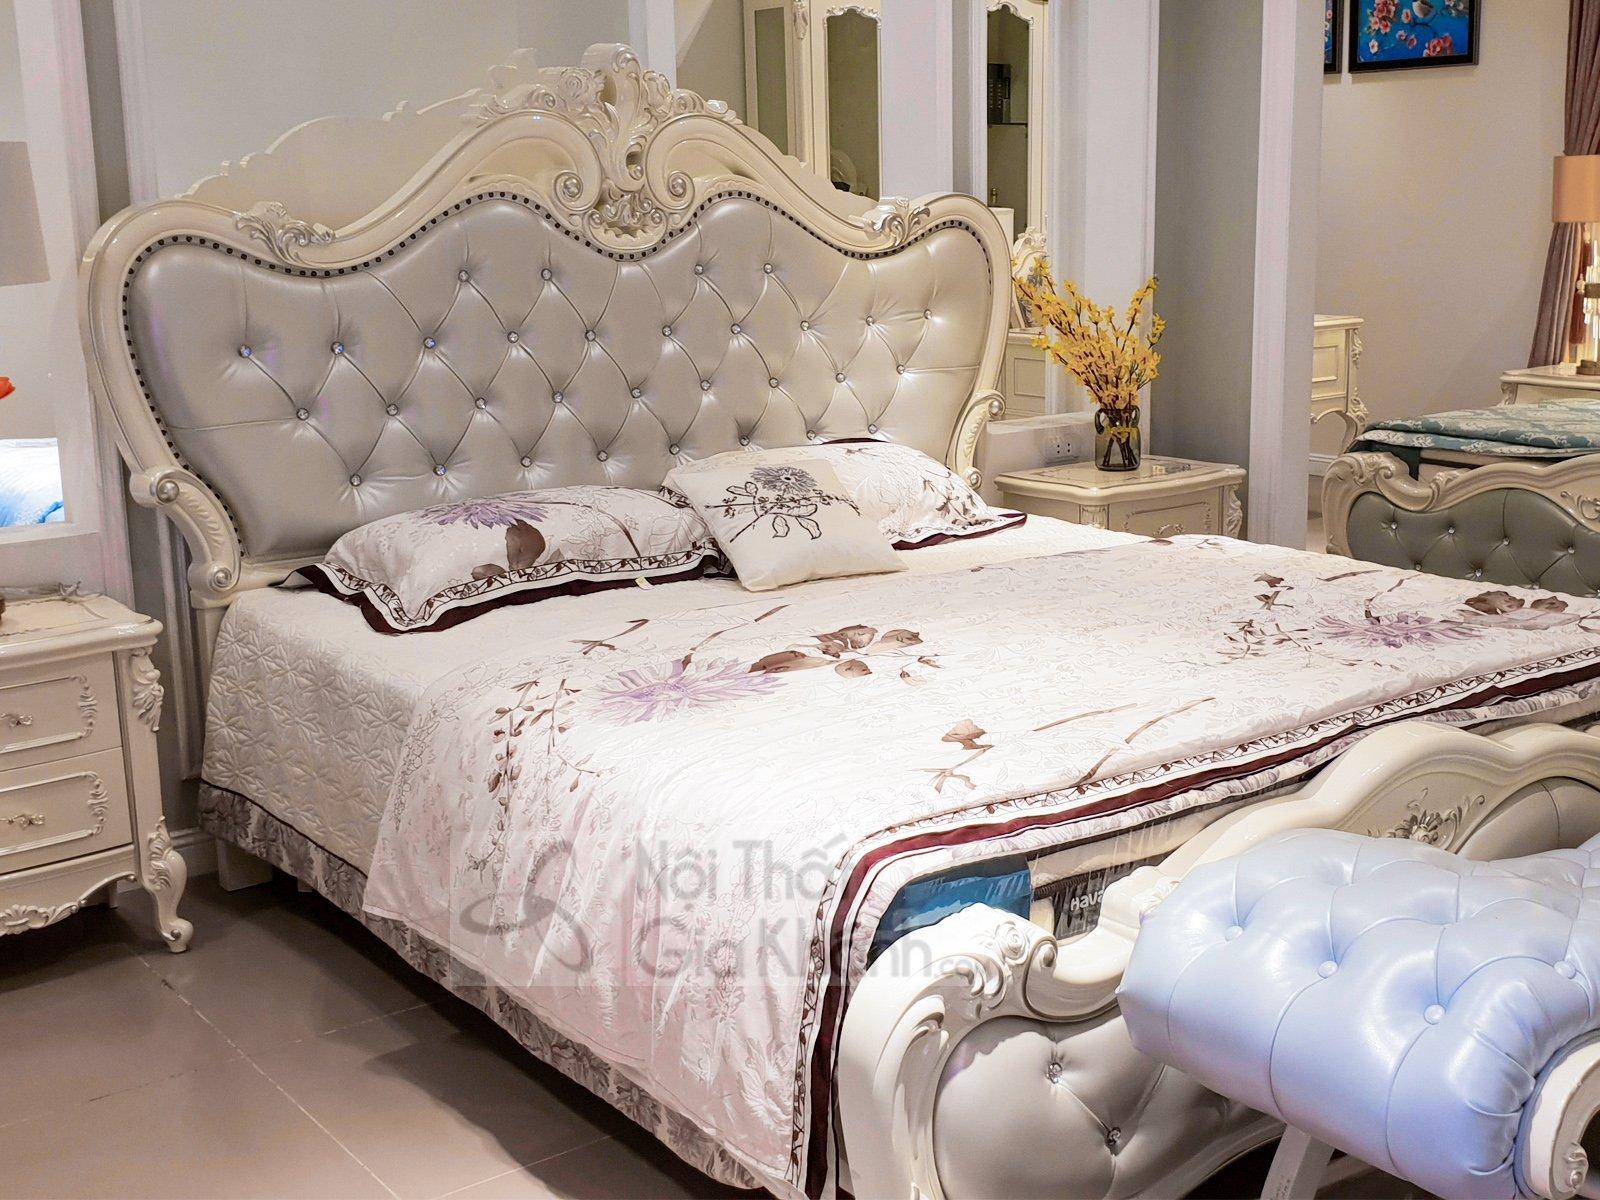 Giường ngủ (1m8x2m) màu trắng French White H8802AL - giuong ngu tan co dien H8802AL